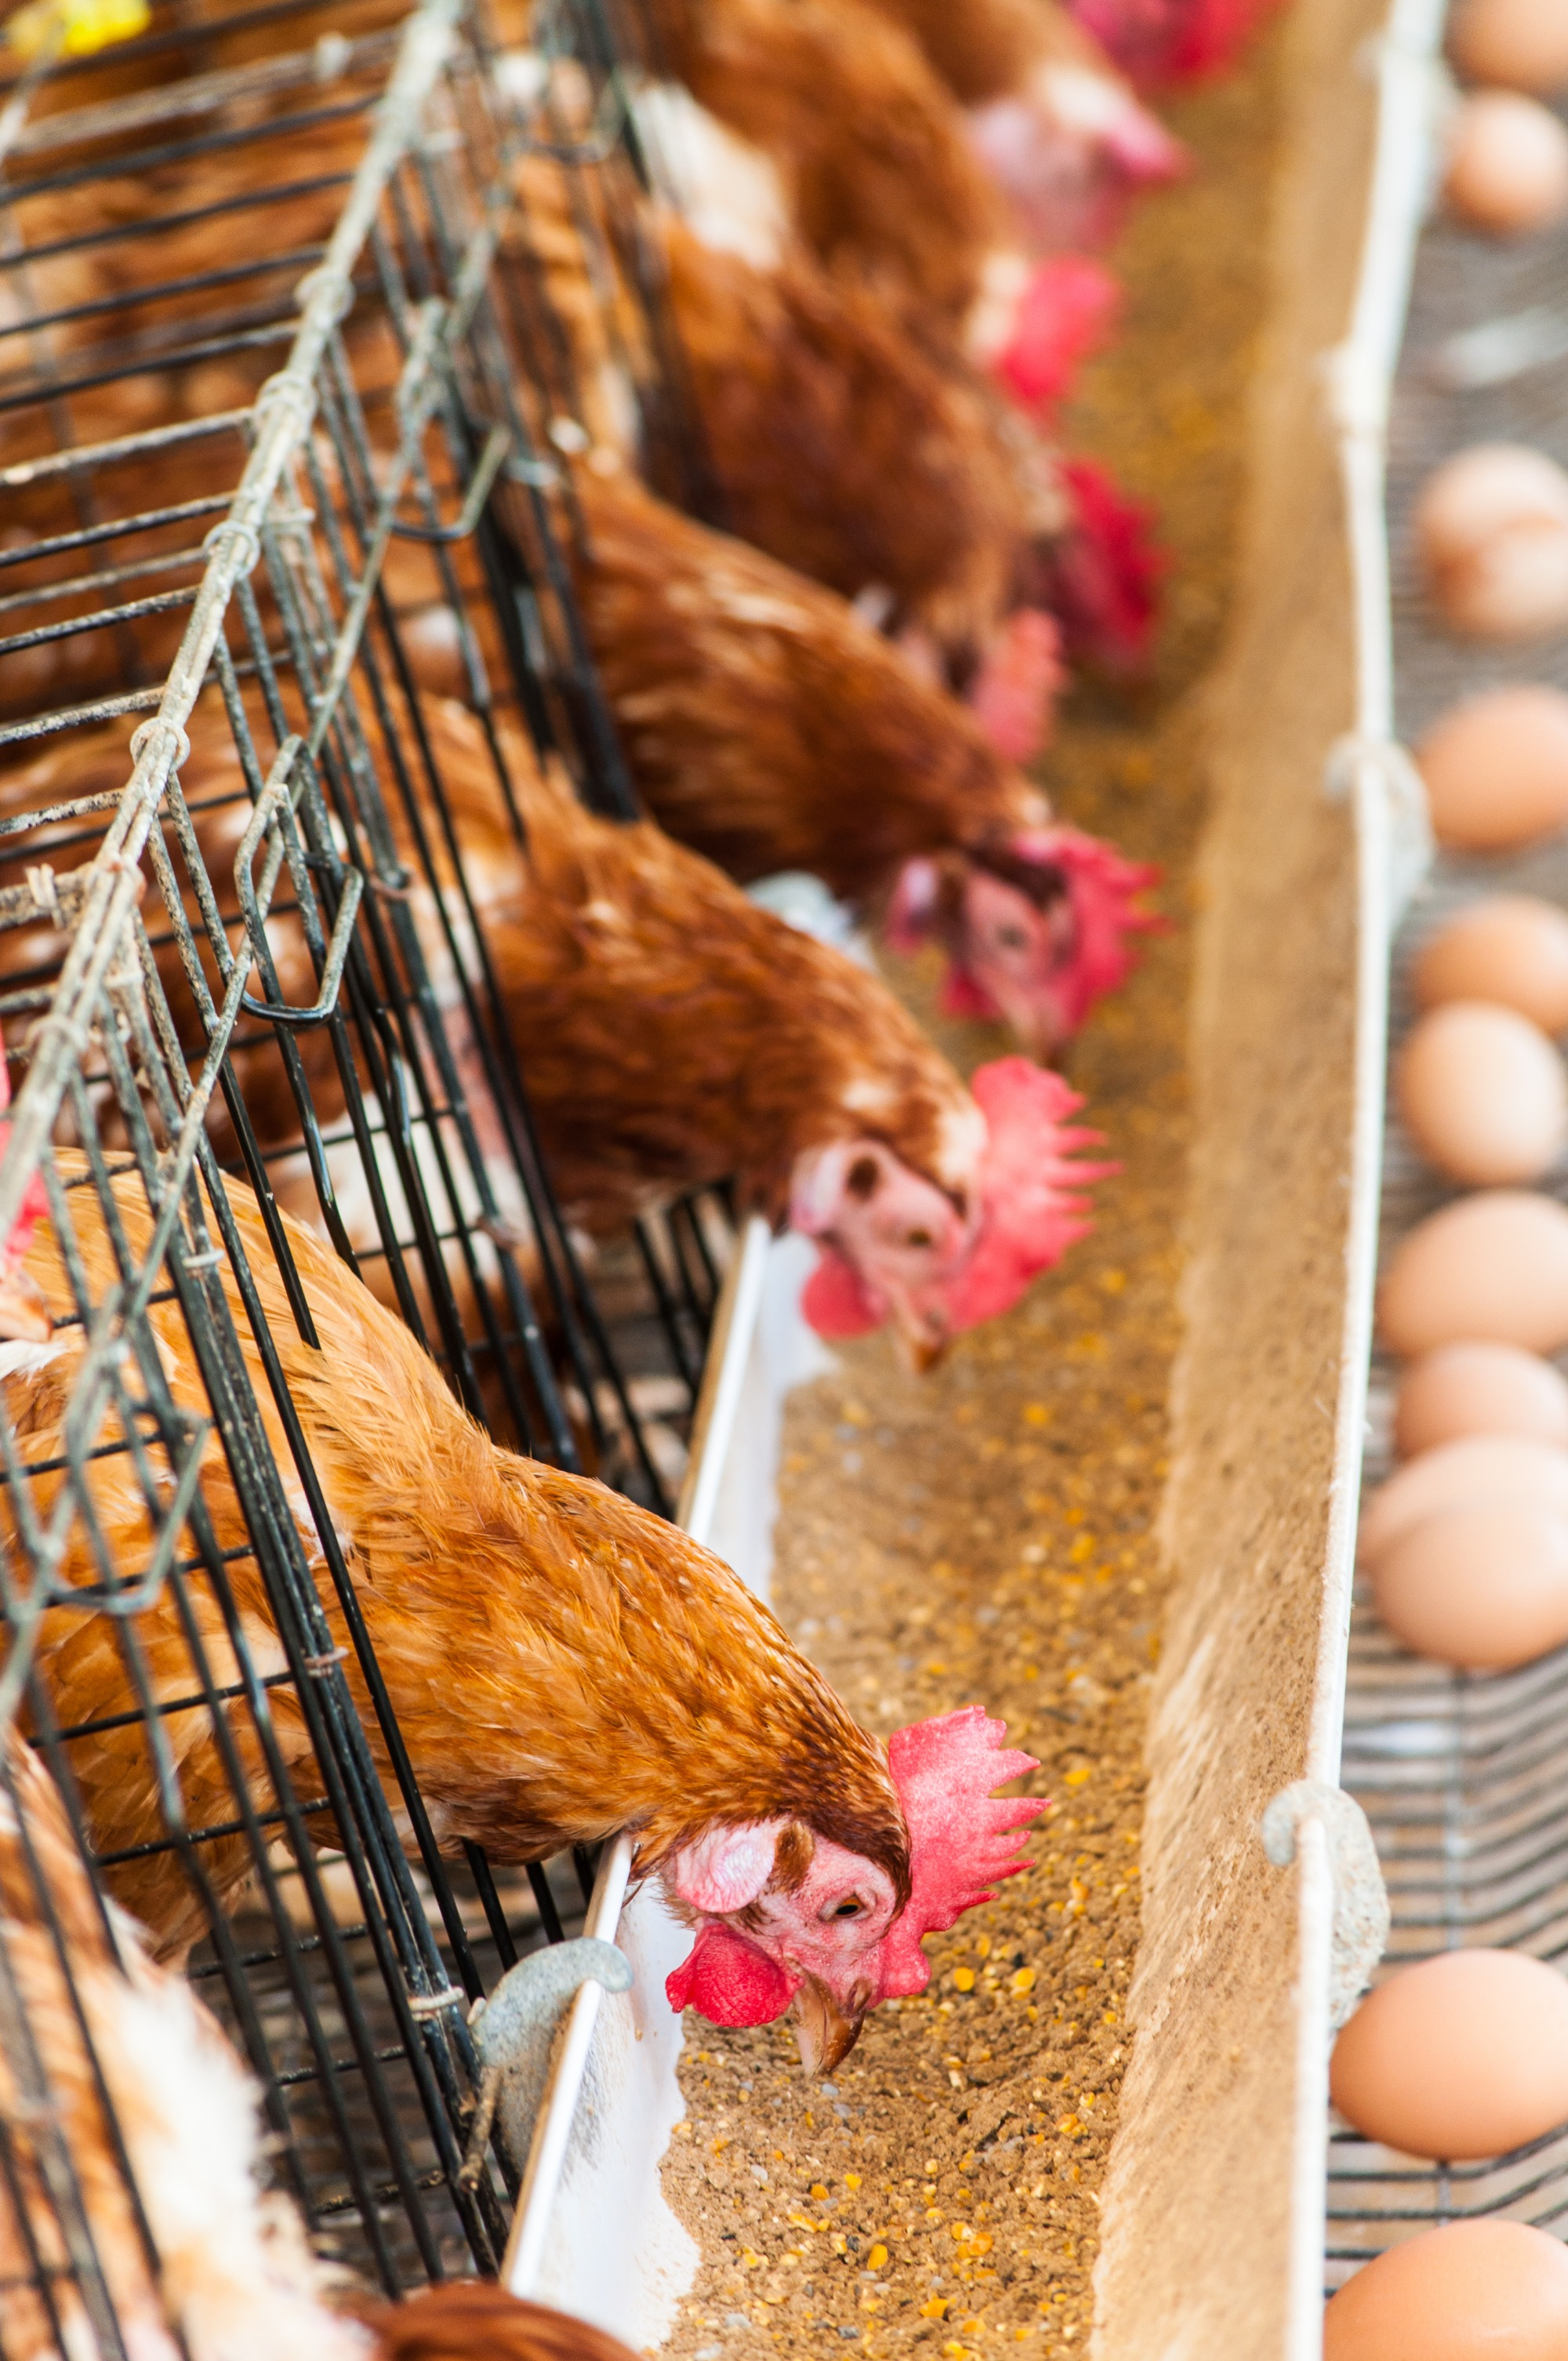 O uso de carboidrases na nutrição avícola: mitos e realidades